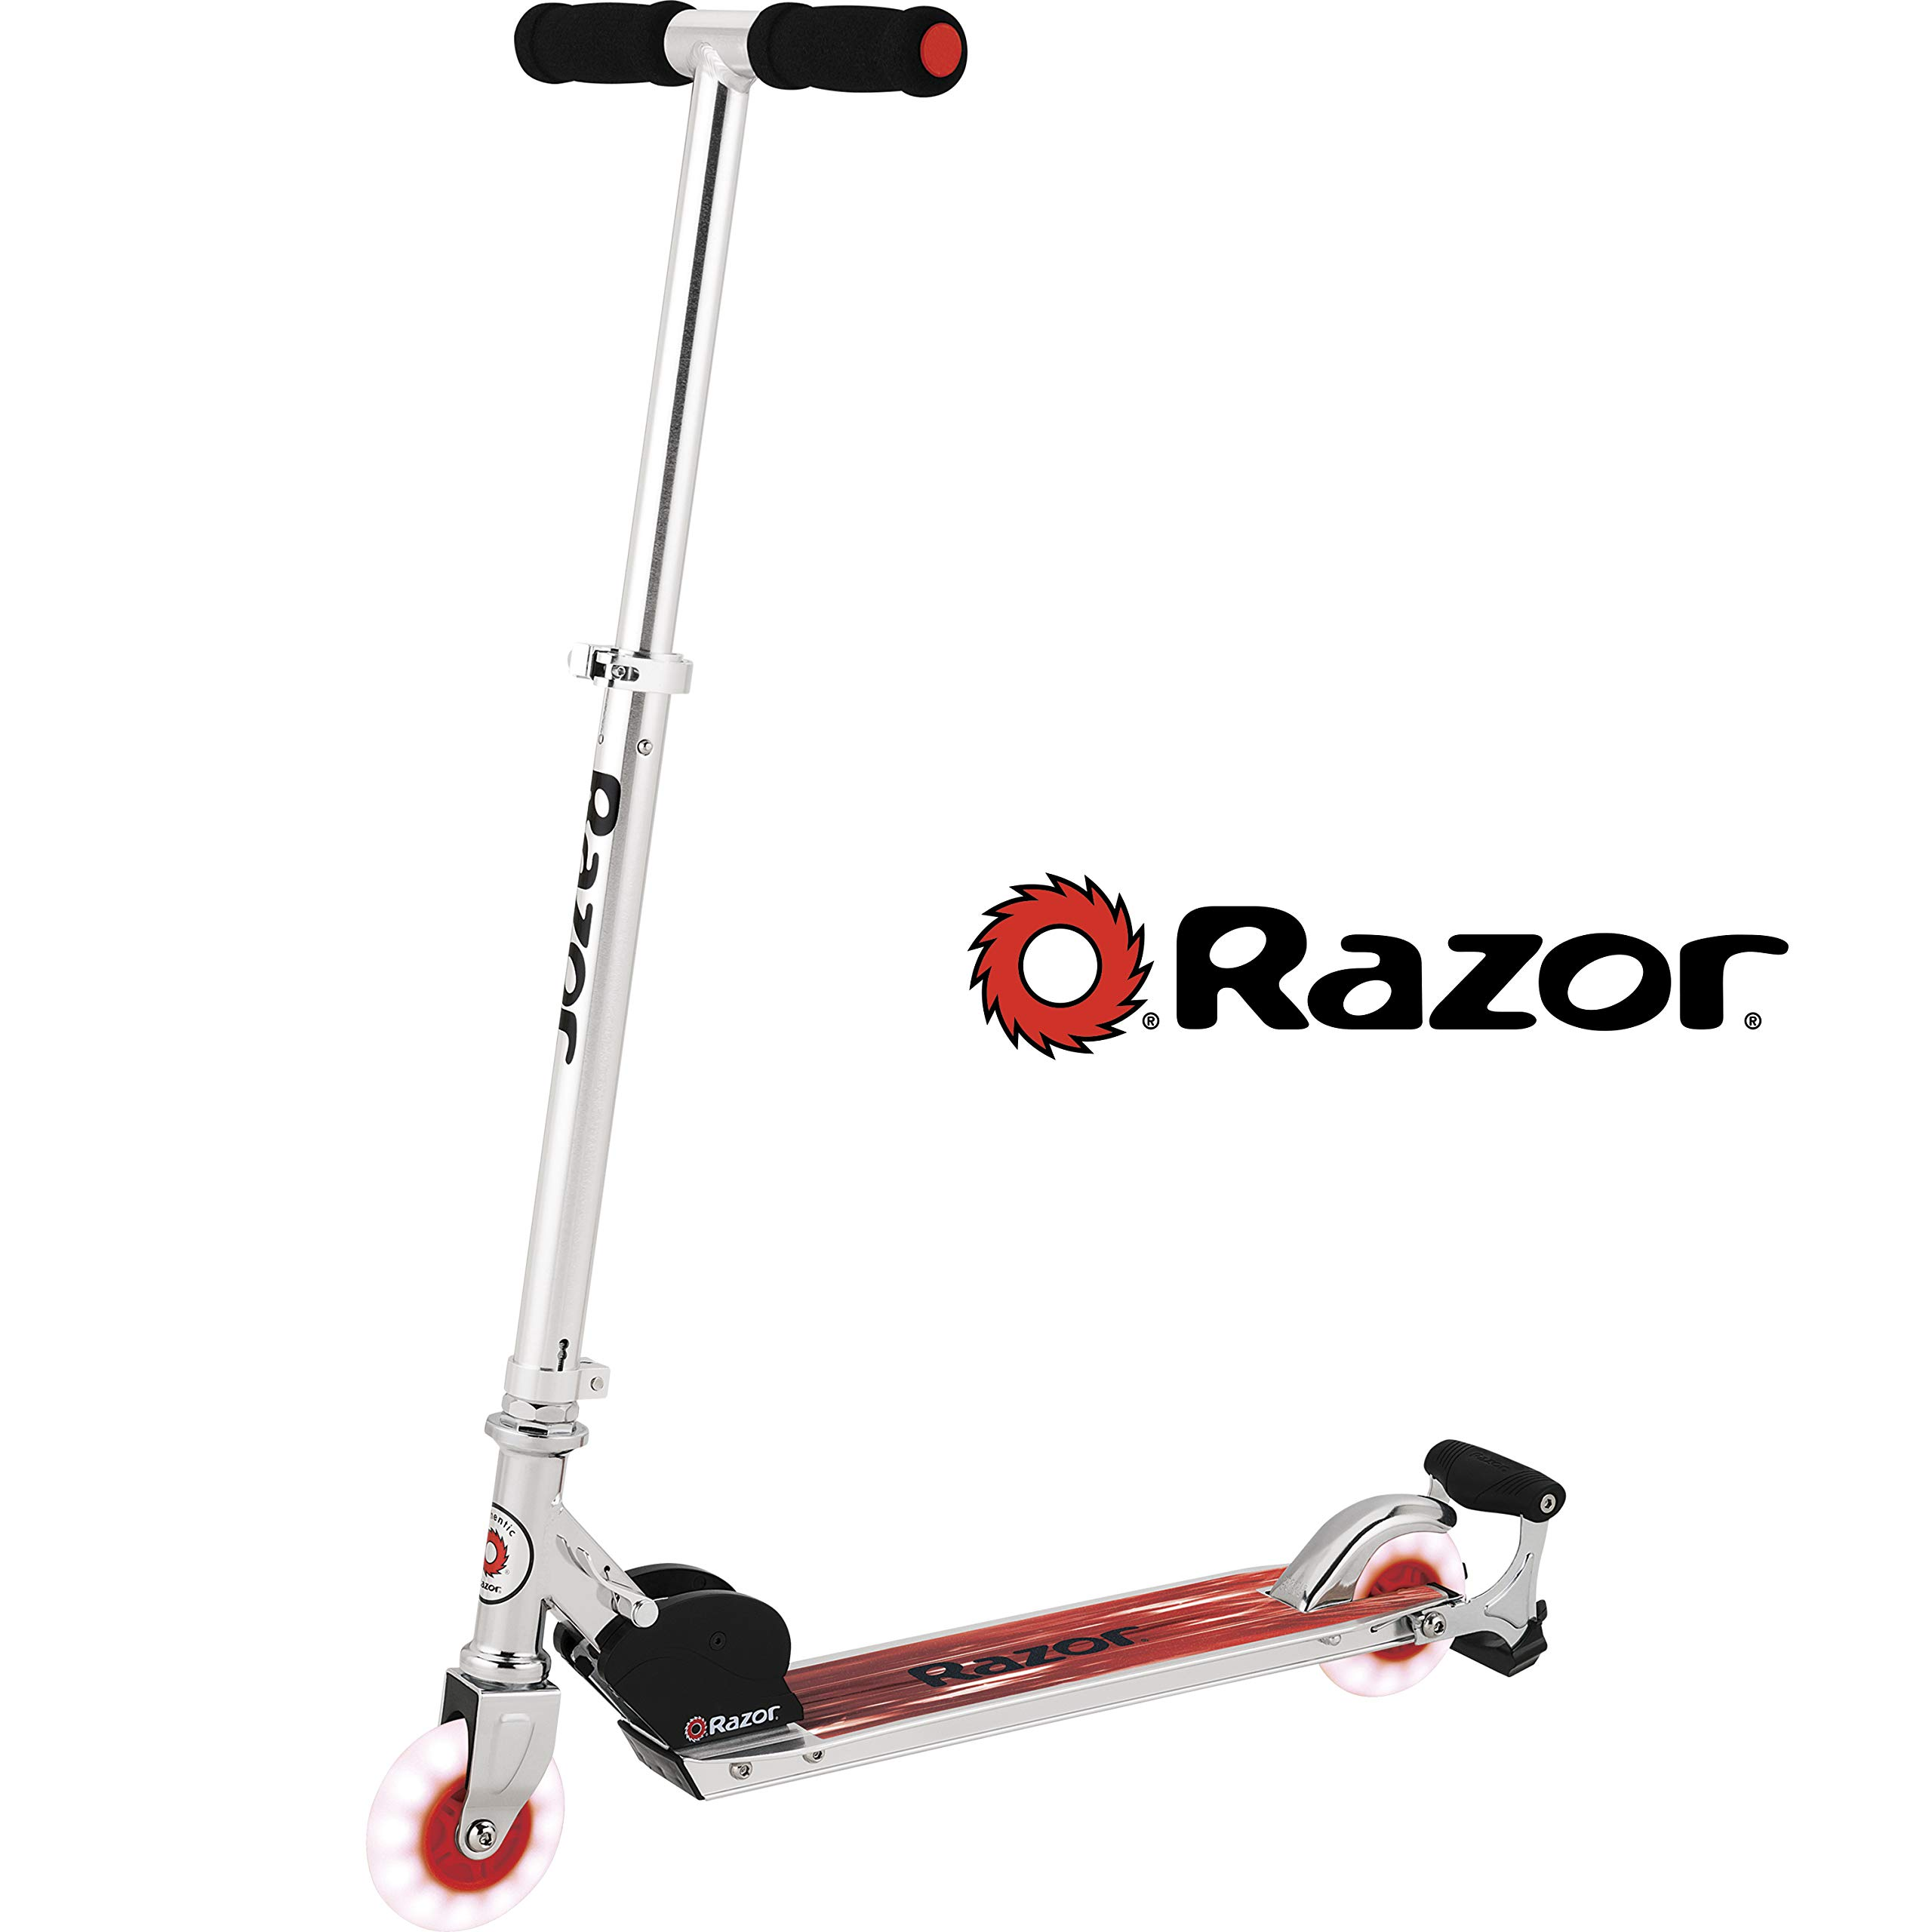 Razor Spark Ultra Kick Scooter - Red by Razor